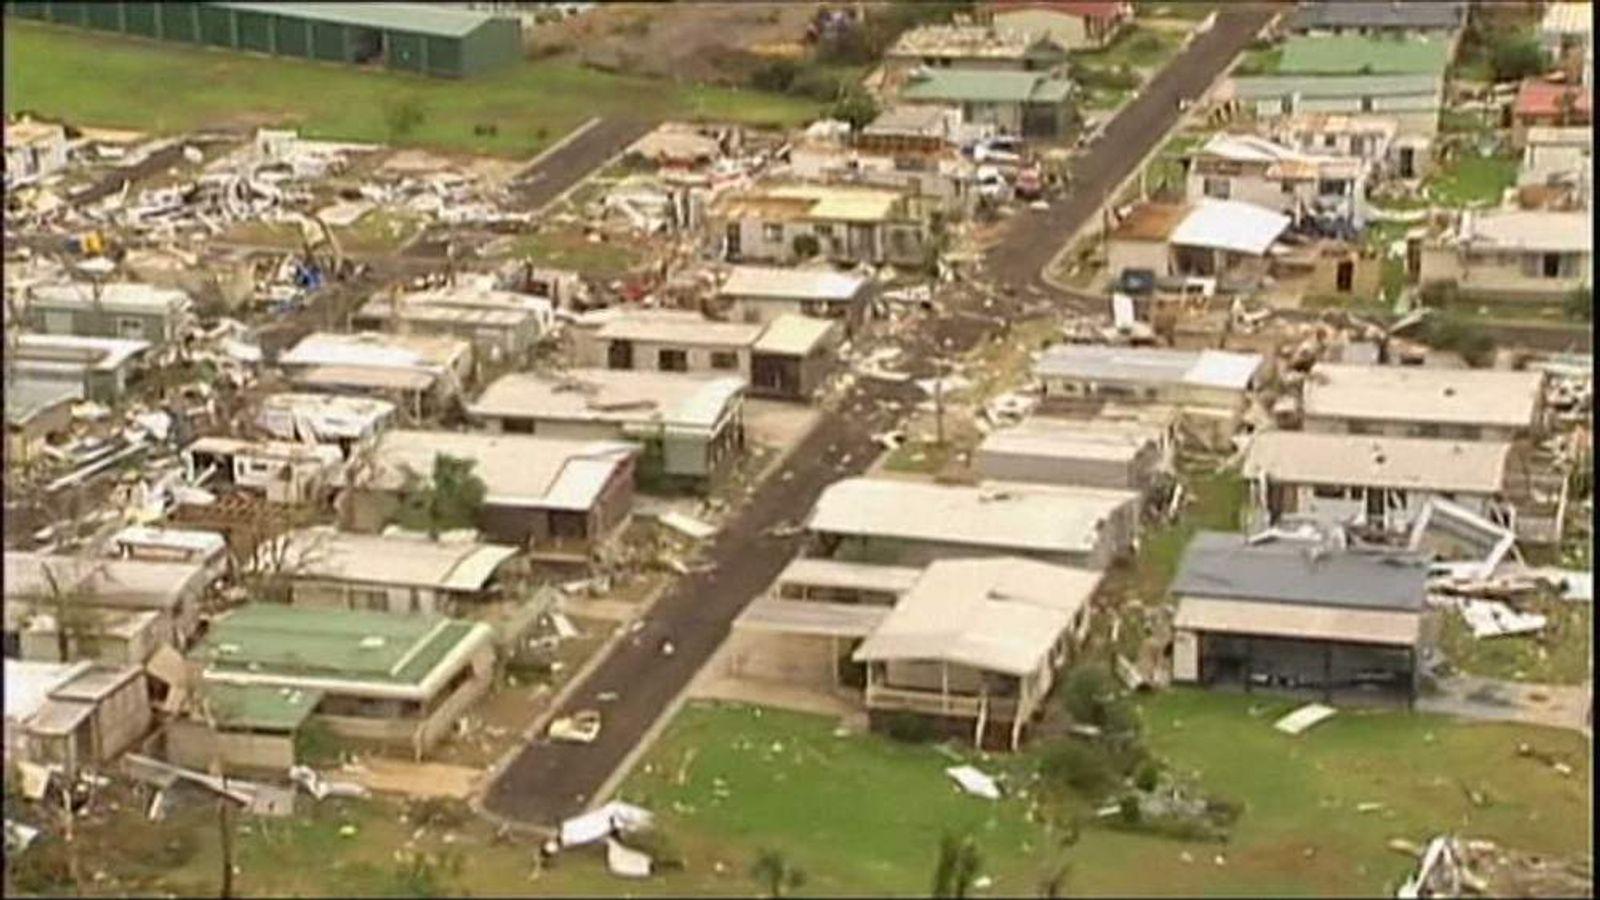 Aftermath of tornado at Mulwala, New South Wales, Australia